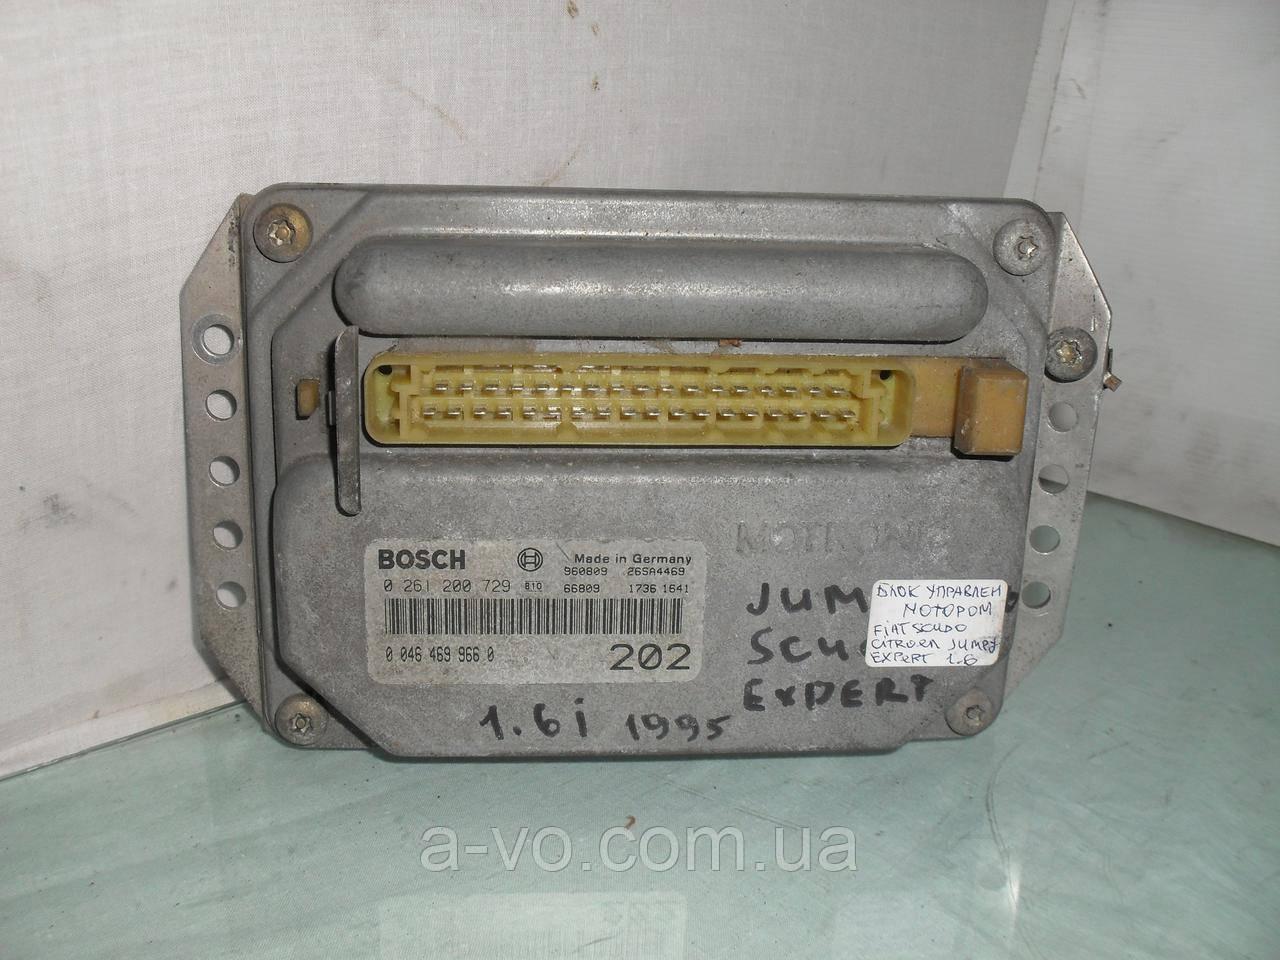 Компьютер Блок управления двигателем Fiat Scudo 1, 0261200729, 0046469966